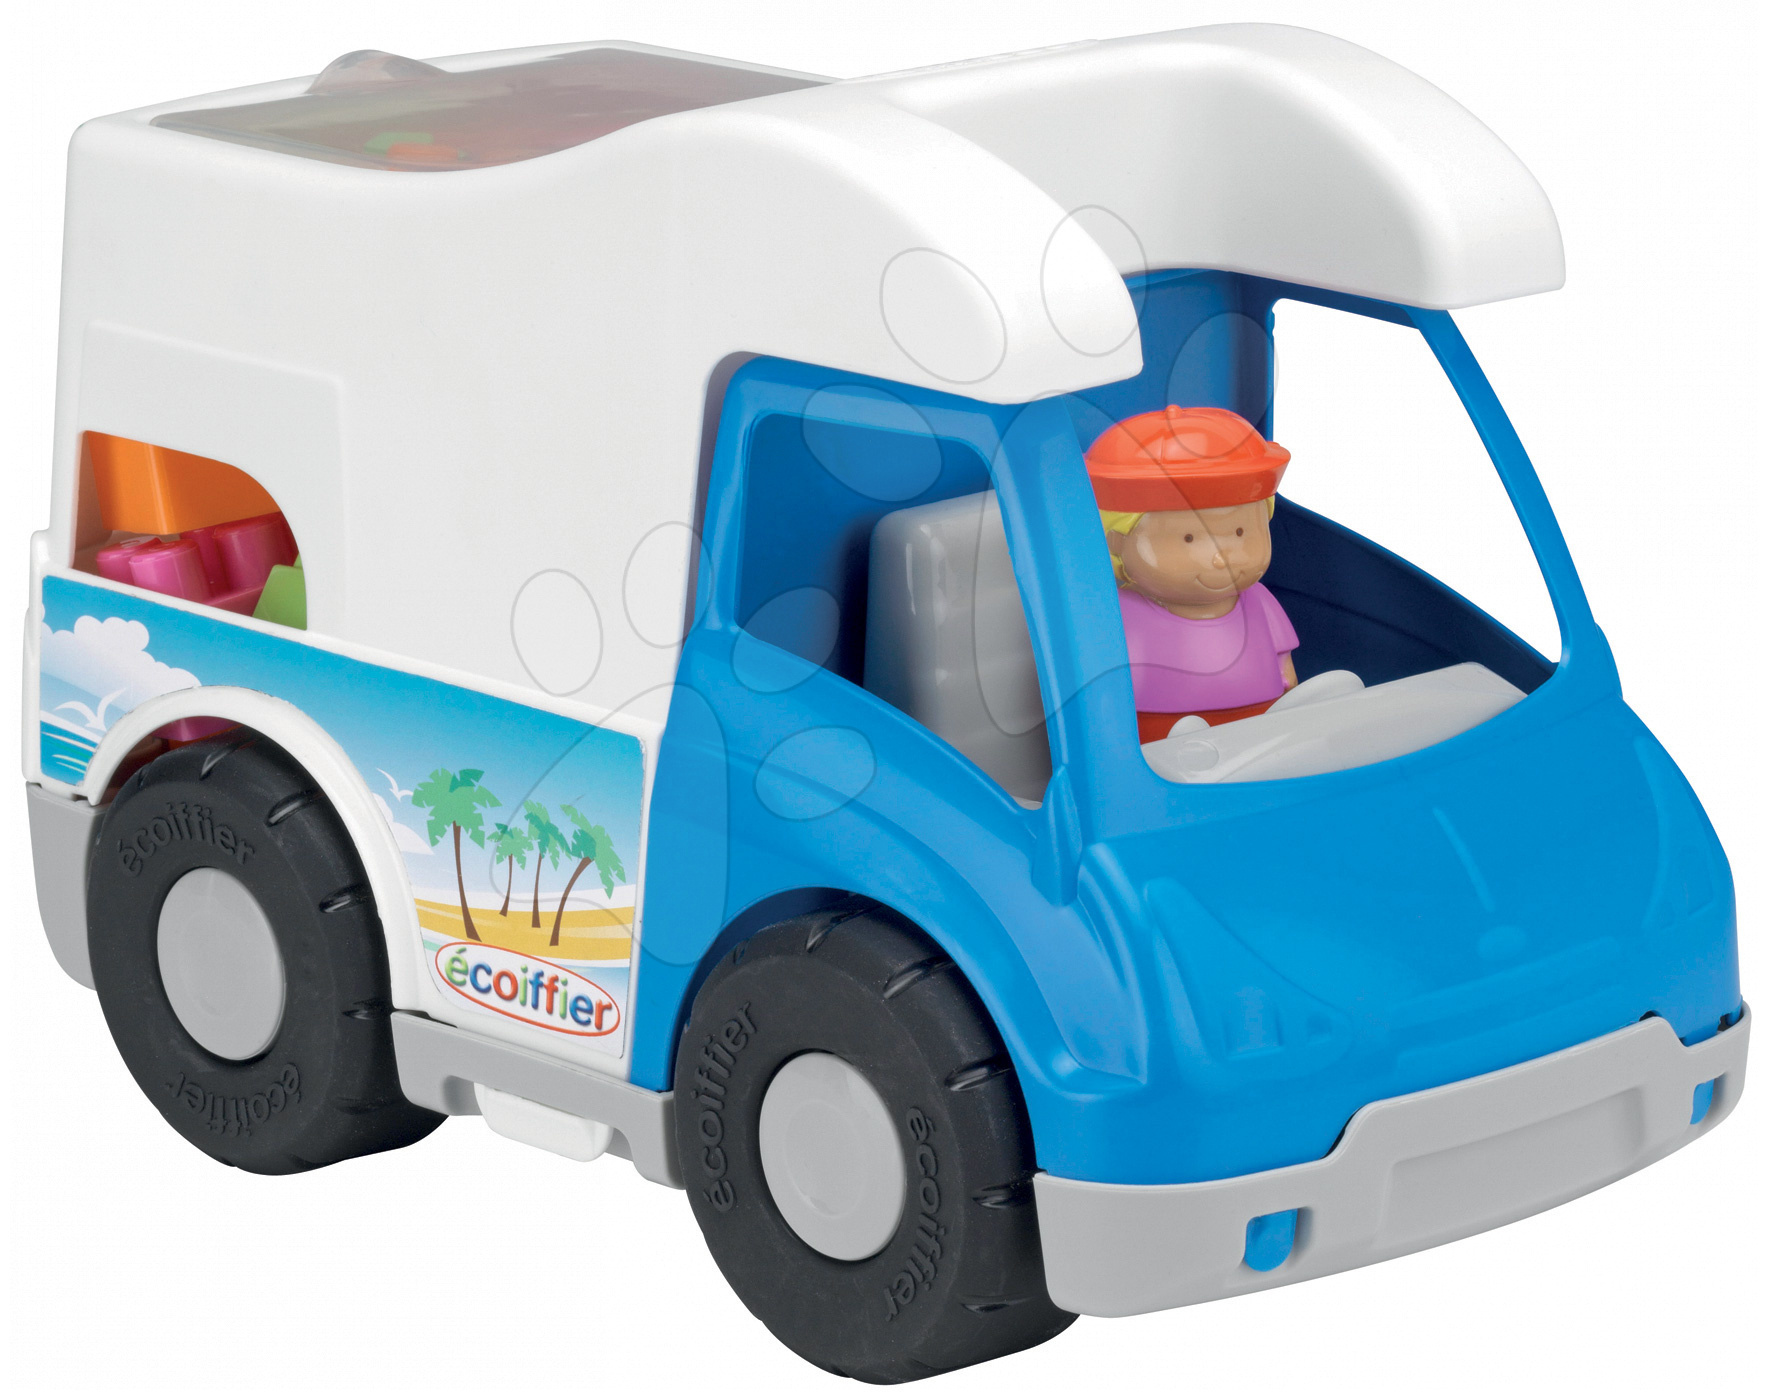 Stavebnice Abrick - Stavebnica Abrick - karavan s kockami Écoiffier modrý od 18 mes